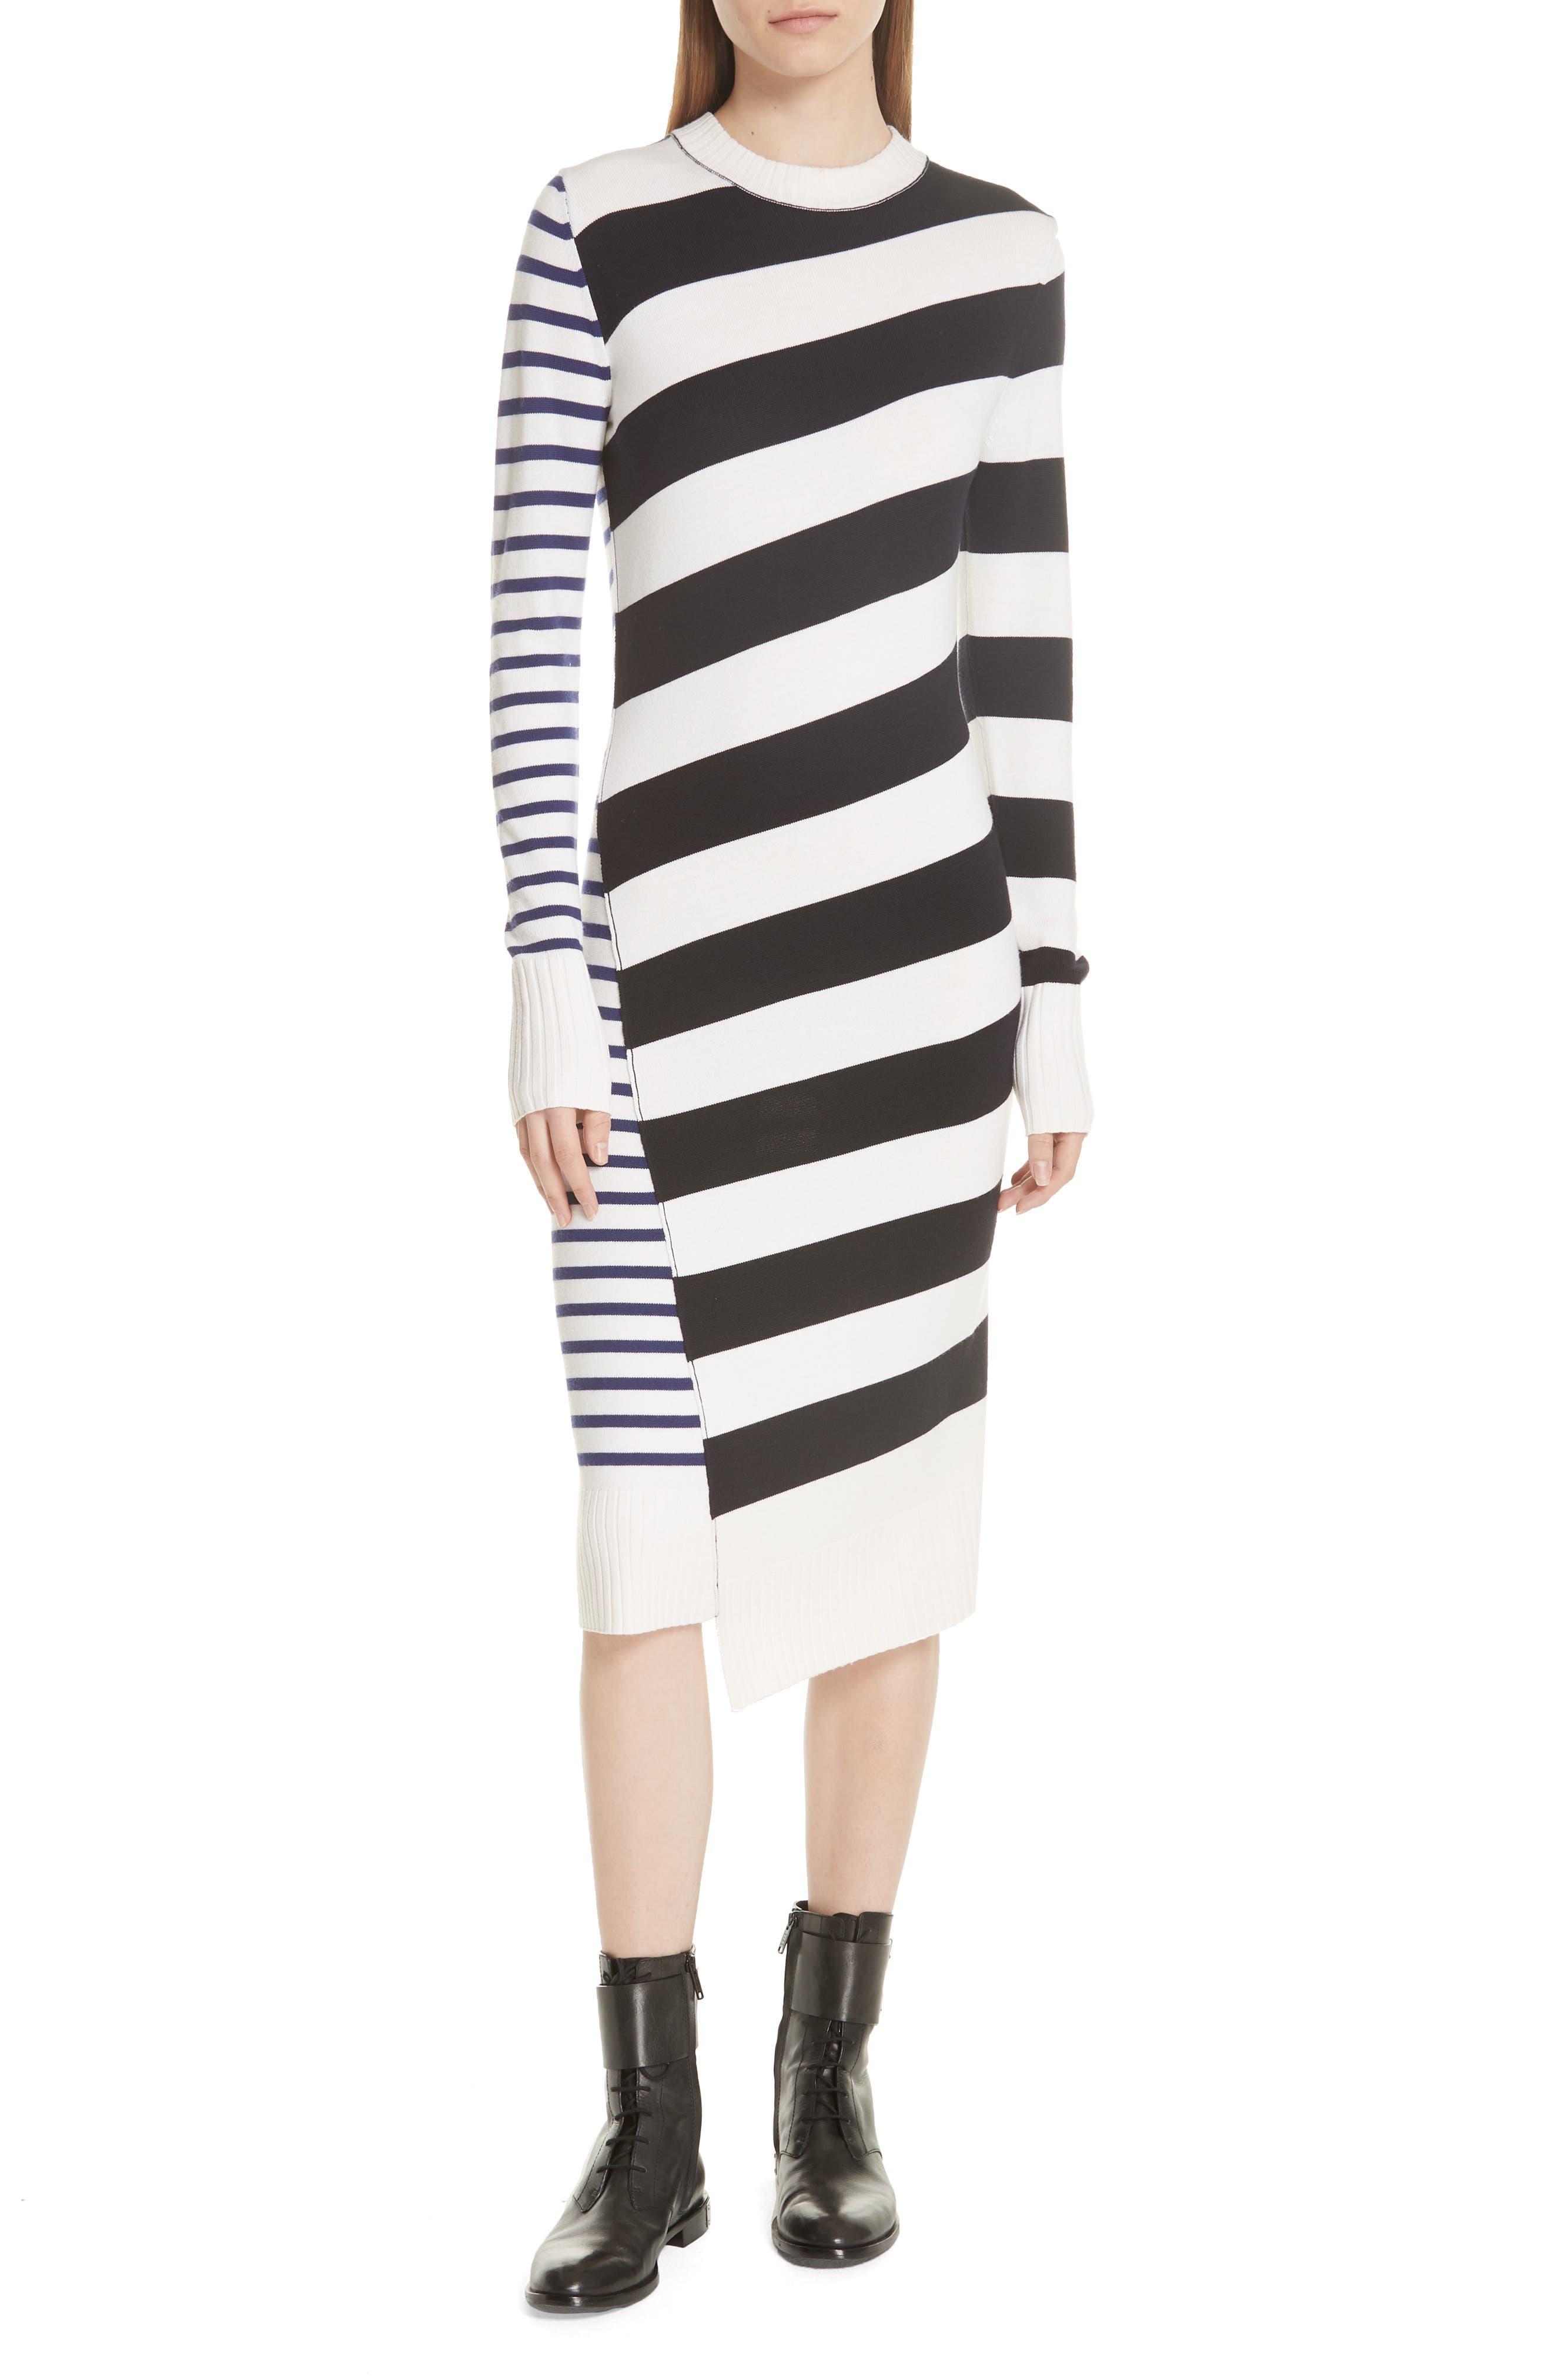 Jason Wu Mixed Stripe Merino Wool Sweater Dress